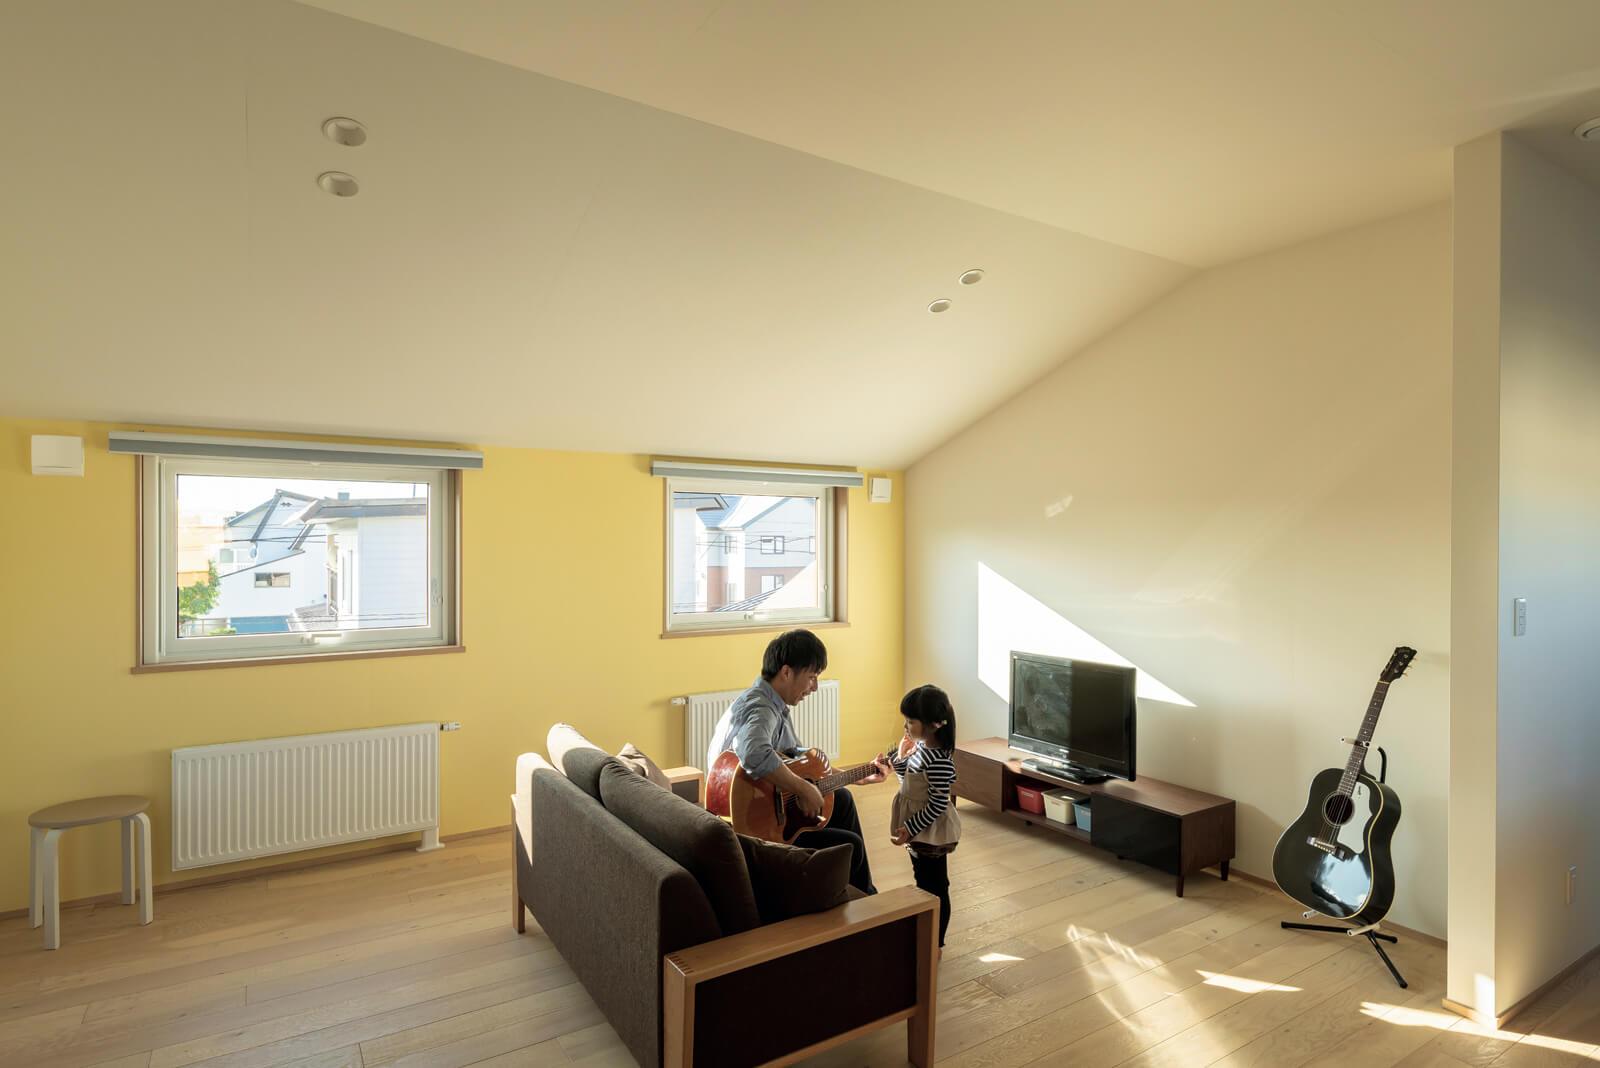 黄色いペイントが可愛い将来の子ども部屋。今はセカンドリビングとして活用中